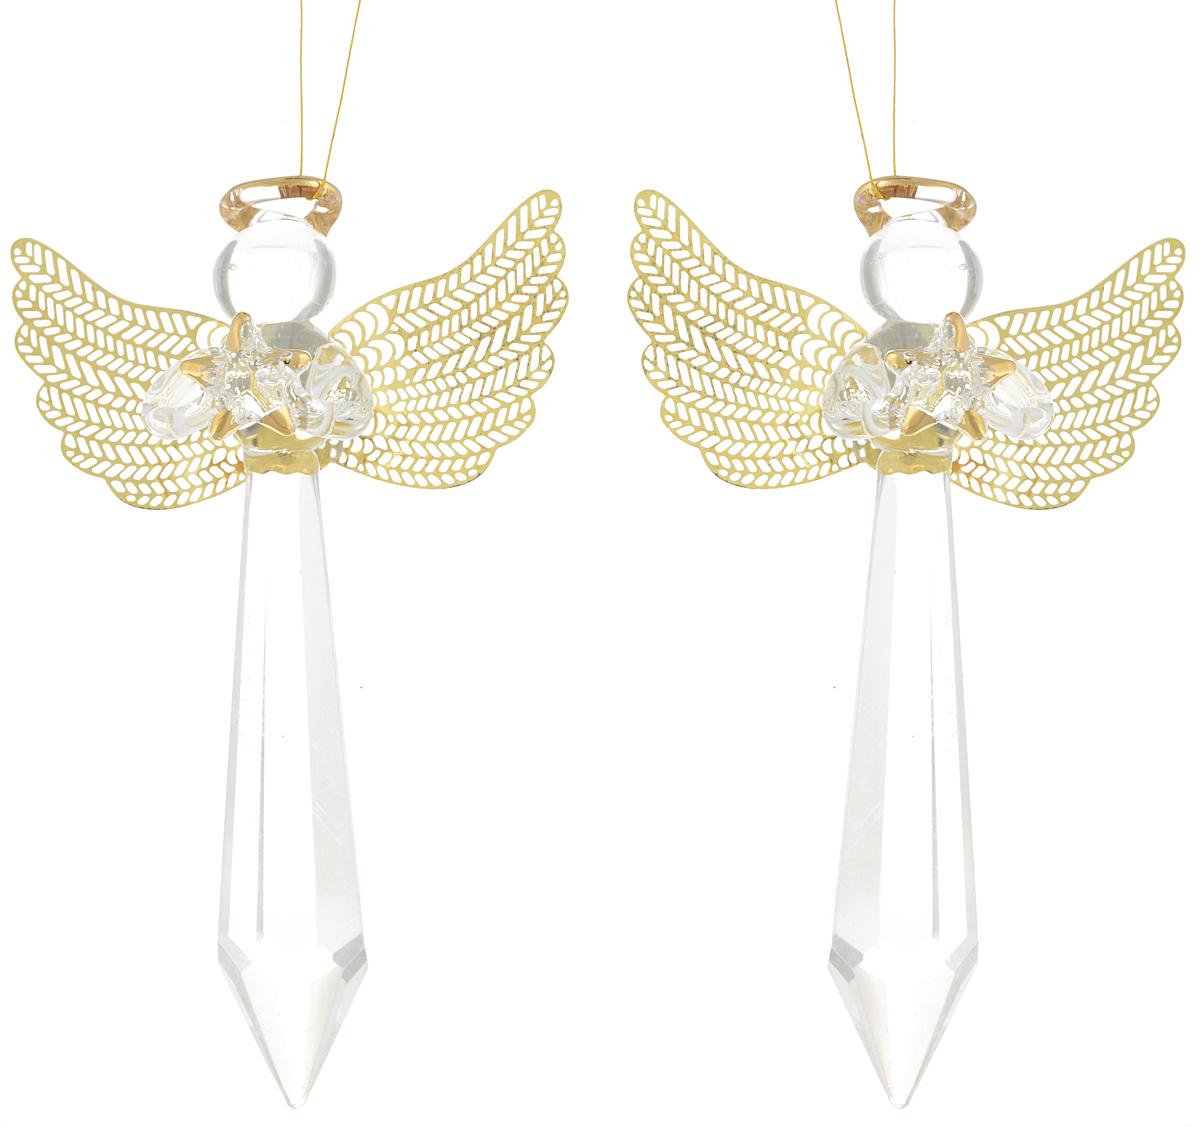 Украшение новогоднее подвесное Winter Wings Ангел, 10,5 х 6,5 х 3 см, 2 штN07730Новогоднее подвесное украшение Winter Wings Ангел прекрасно подойдетдля праздничного декора новогодней ели. Изделия выполнены из высококачественного стекла. Набор состоит из двух фигурок в виде ангелов. Для удобного размещения на елке на украшениях предусмотрены веревочки. Елочная игрушка - символ Нового года. Она несет в себе волшебство и красоту праздника.Создайте в своем доме атмосферу веселья и радости, украшая новогоднюю елку наряднымиигрушками, которые будут из года в год накапливать теплоту воспоминаний.Откройте для себя удивительный мир сказок и грез. Почувствуйте волшебные минутыожидания праздника, создайте новогоднее настроение вашим дорогим и близким. Количество украшений: 2 шт. Размер украшения: 10,5 х 6,5 х 3 см.